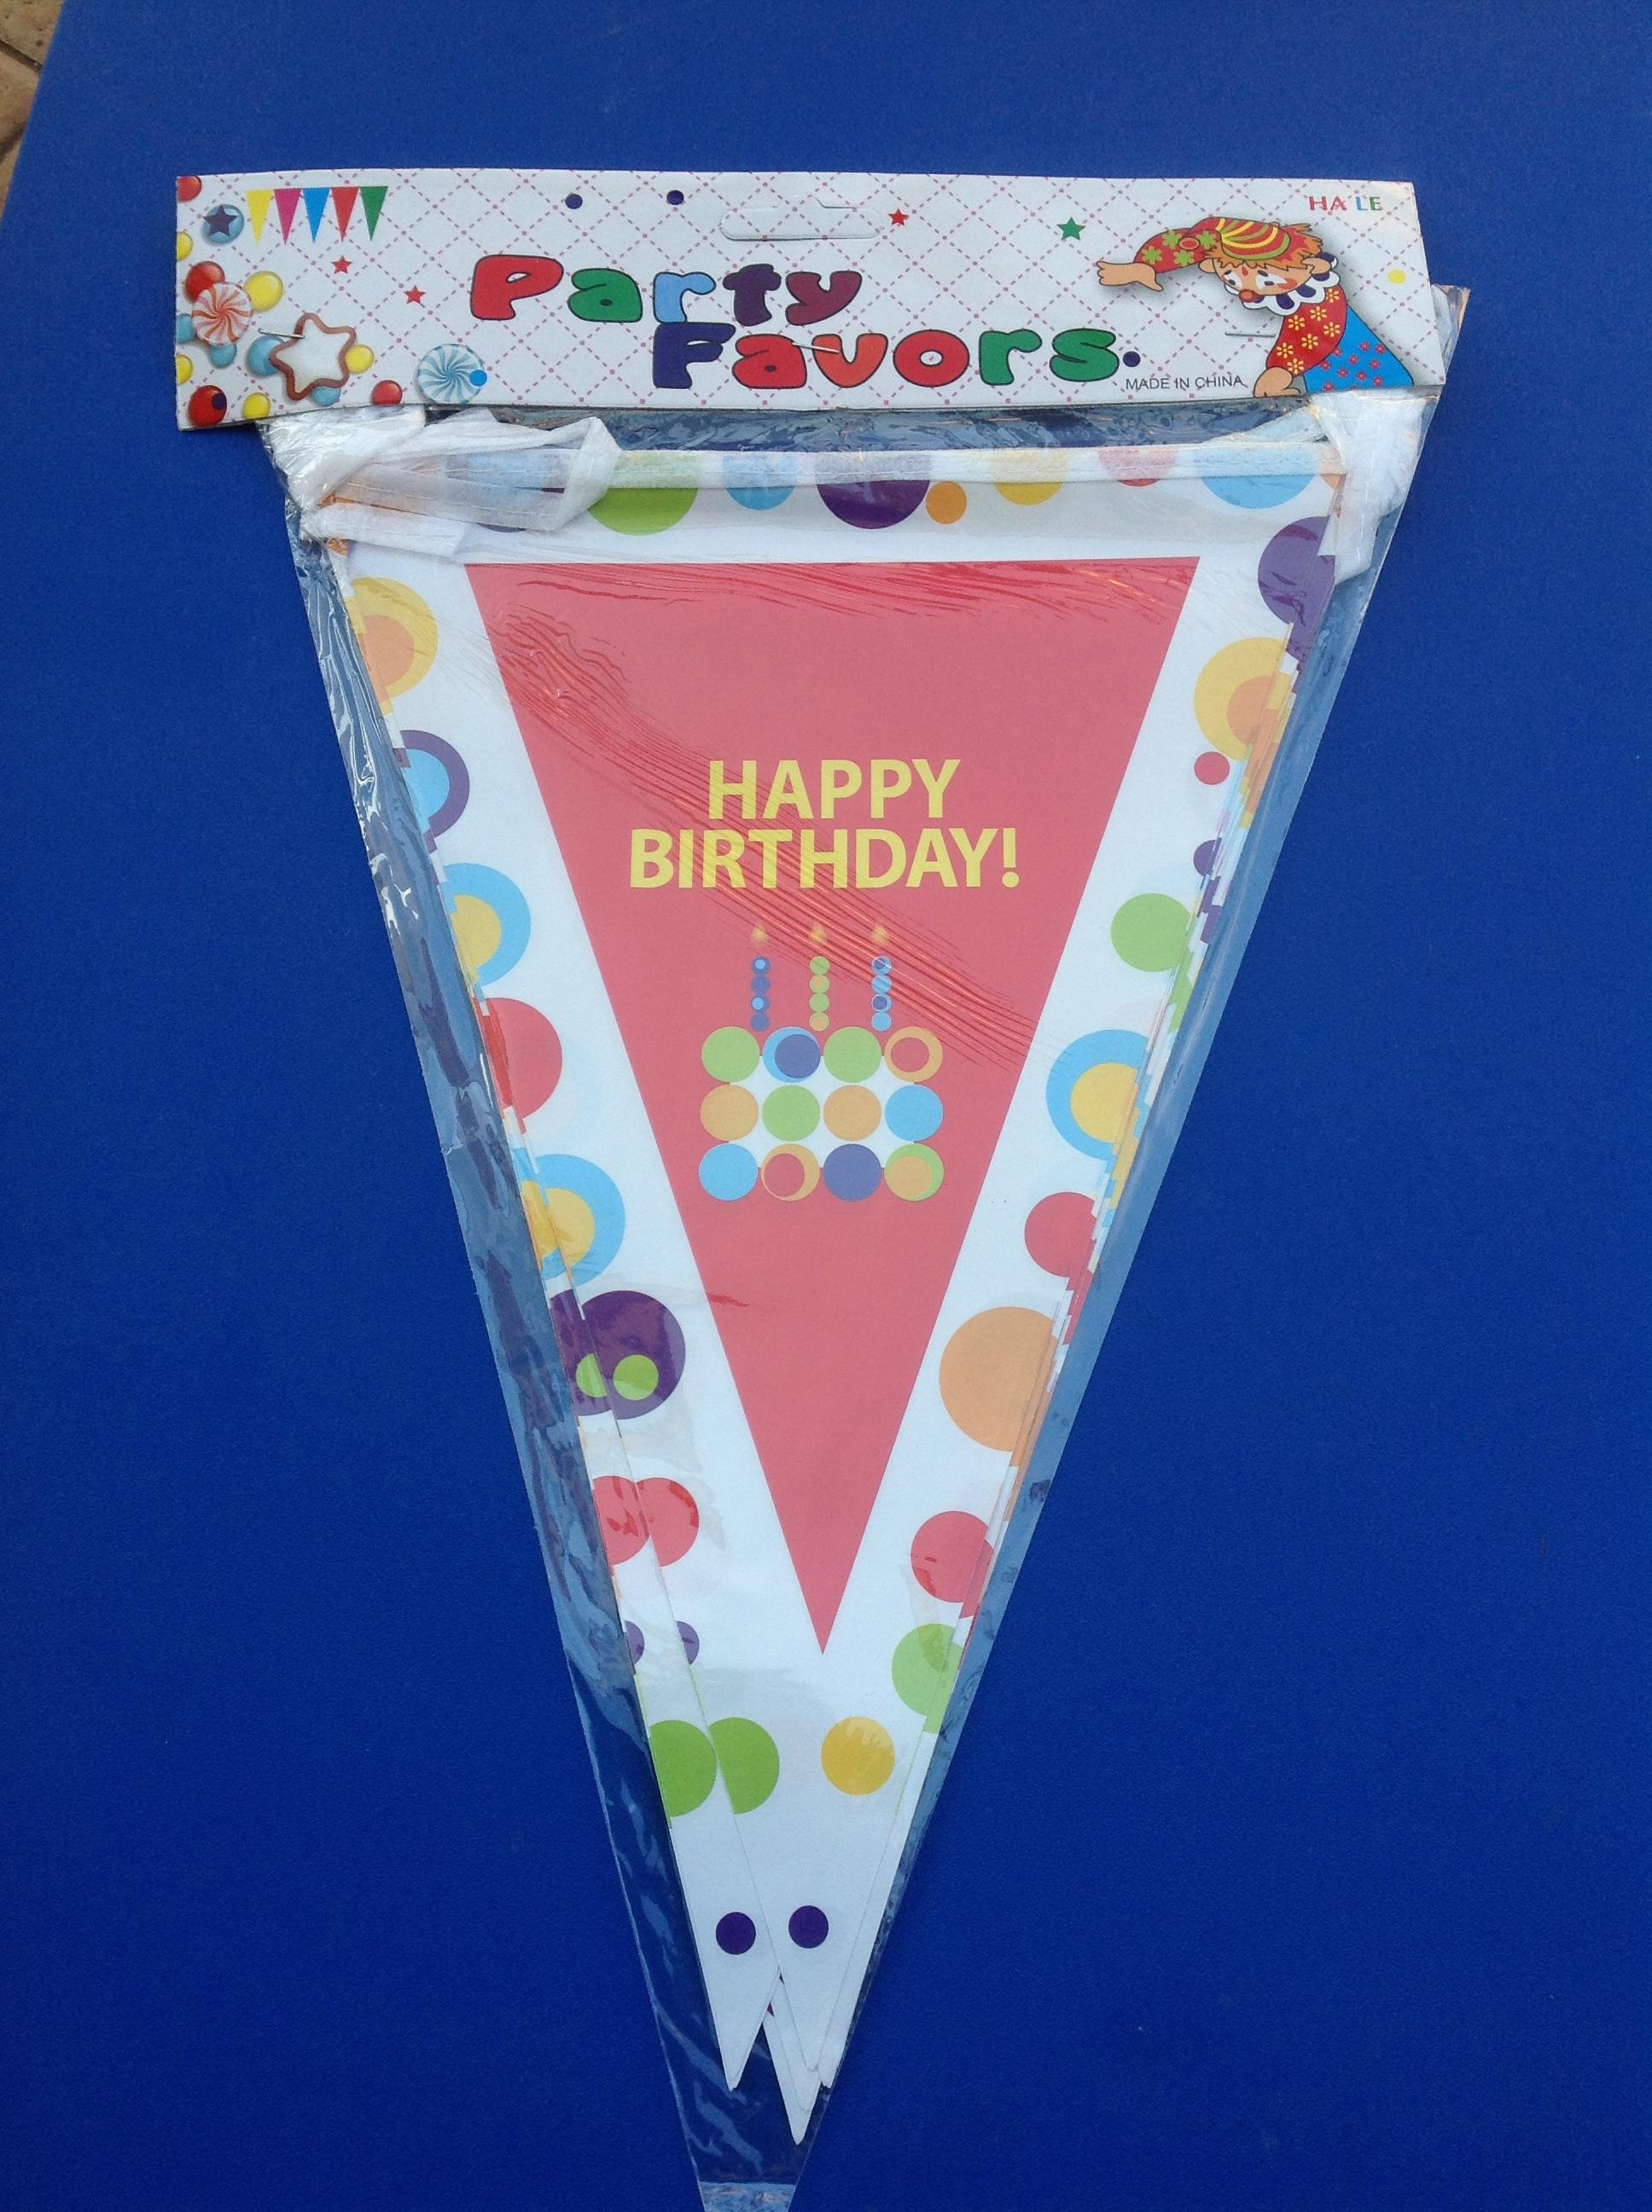 พร้อมส่งค่ะ Let's have a party ธงราวประดับงานวันเกิด